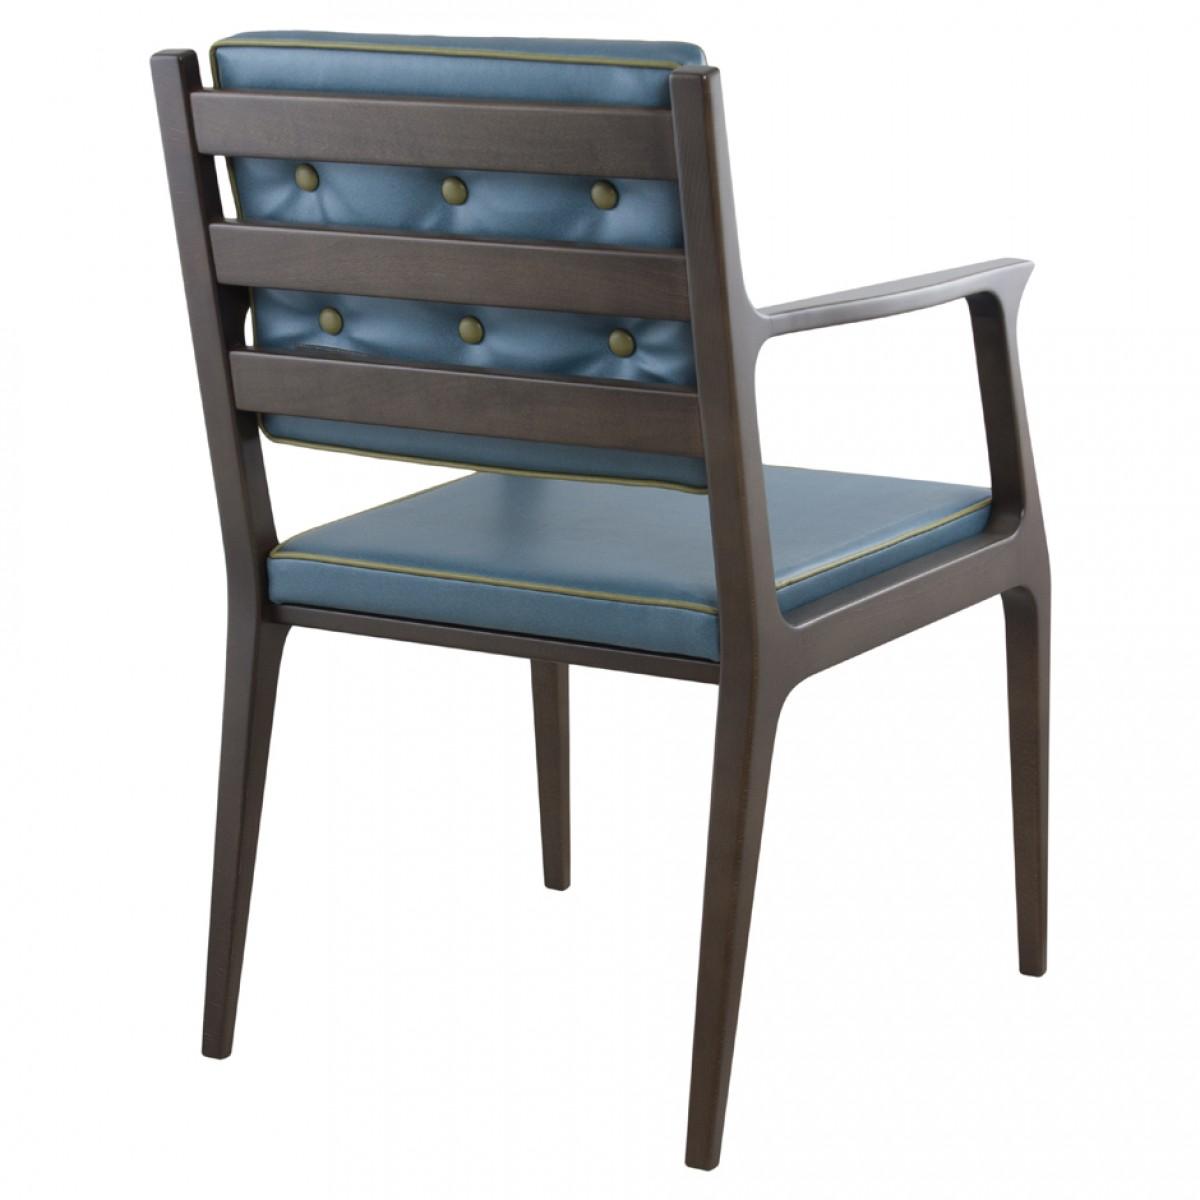 moreira gastro st hle gastronomiem bel und gastronomieeinrichtung ma geschneiderte modelle. Black Bedroom Furniture Sets. Home Design Ideas